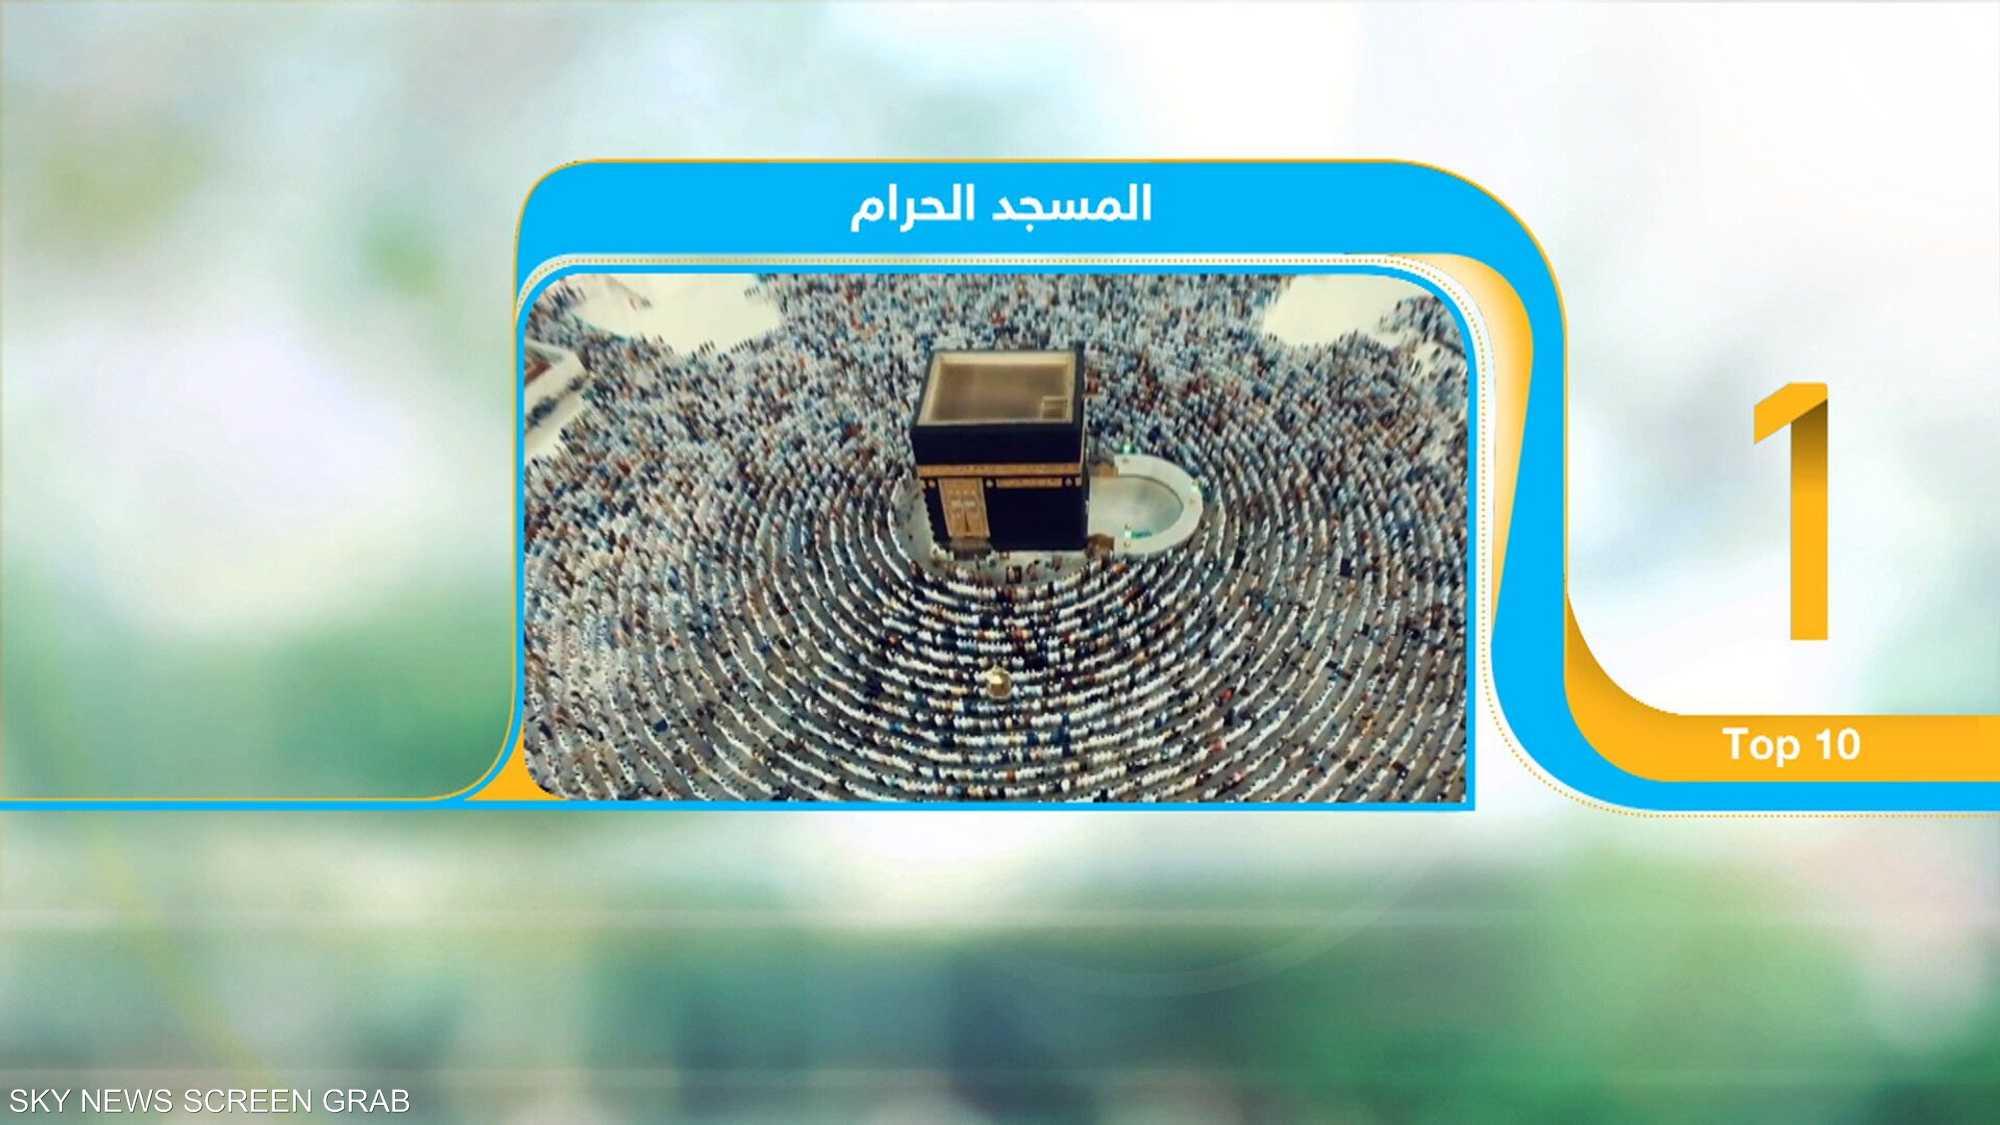 أكبر المساجد في العالم